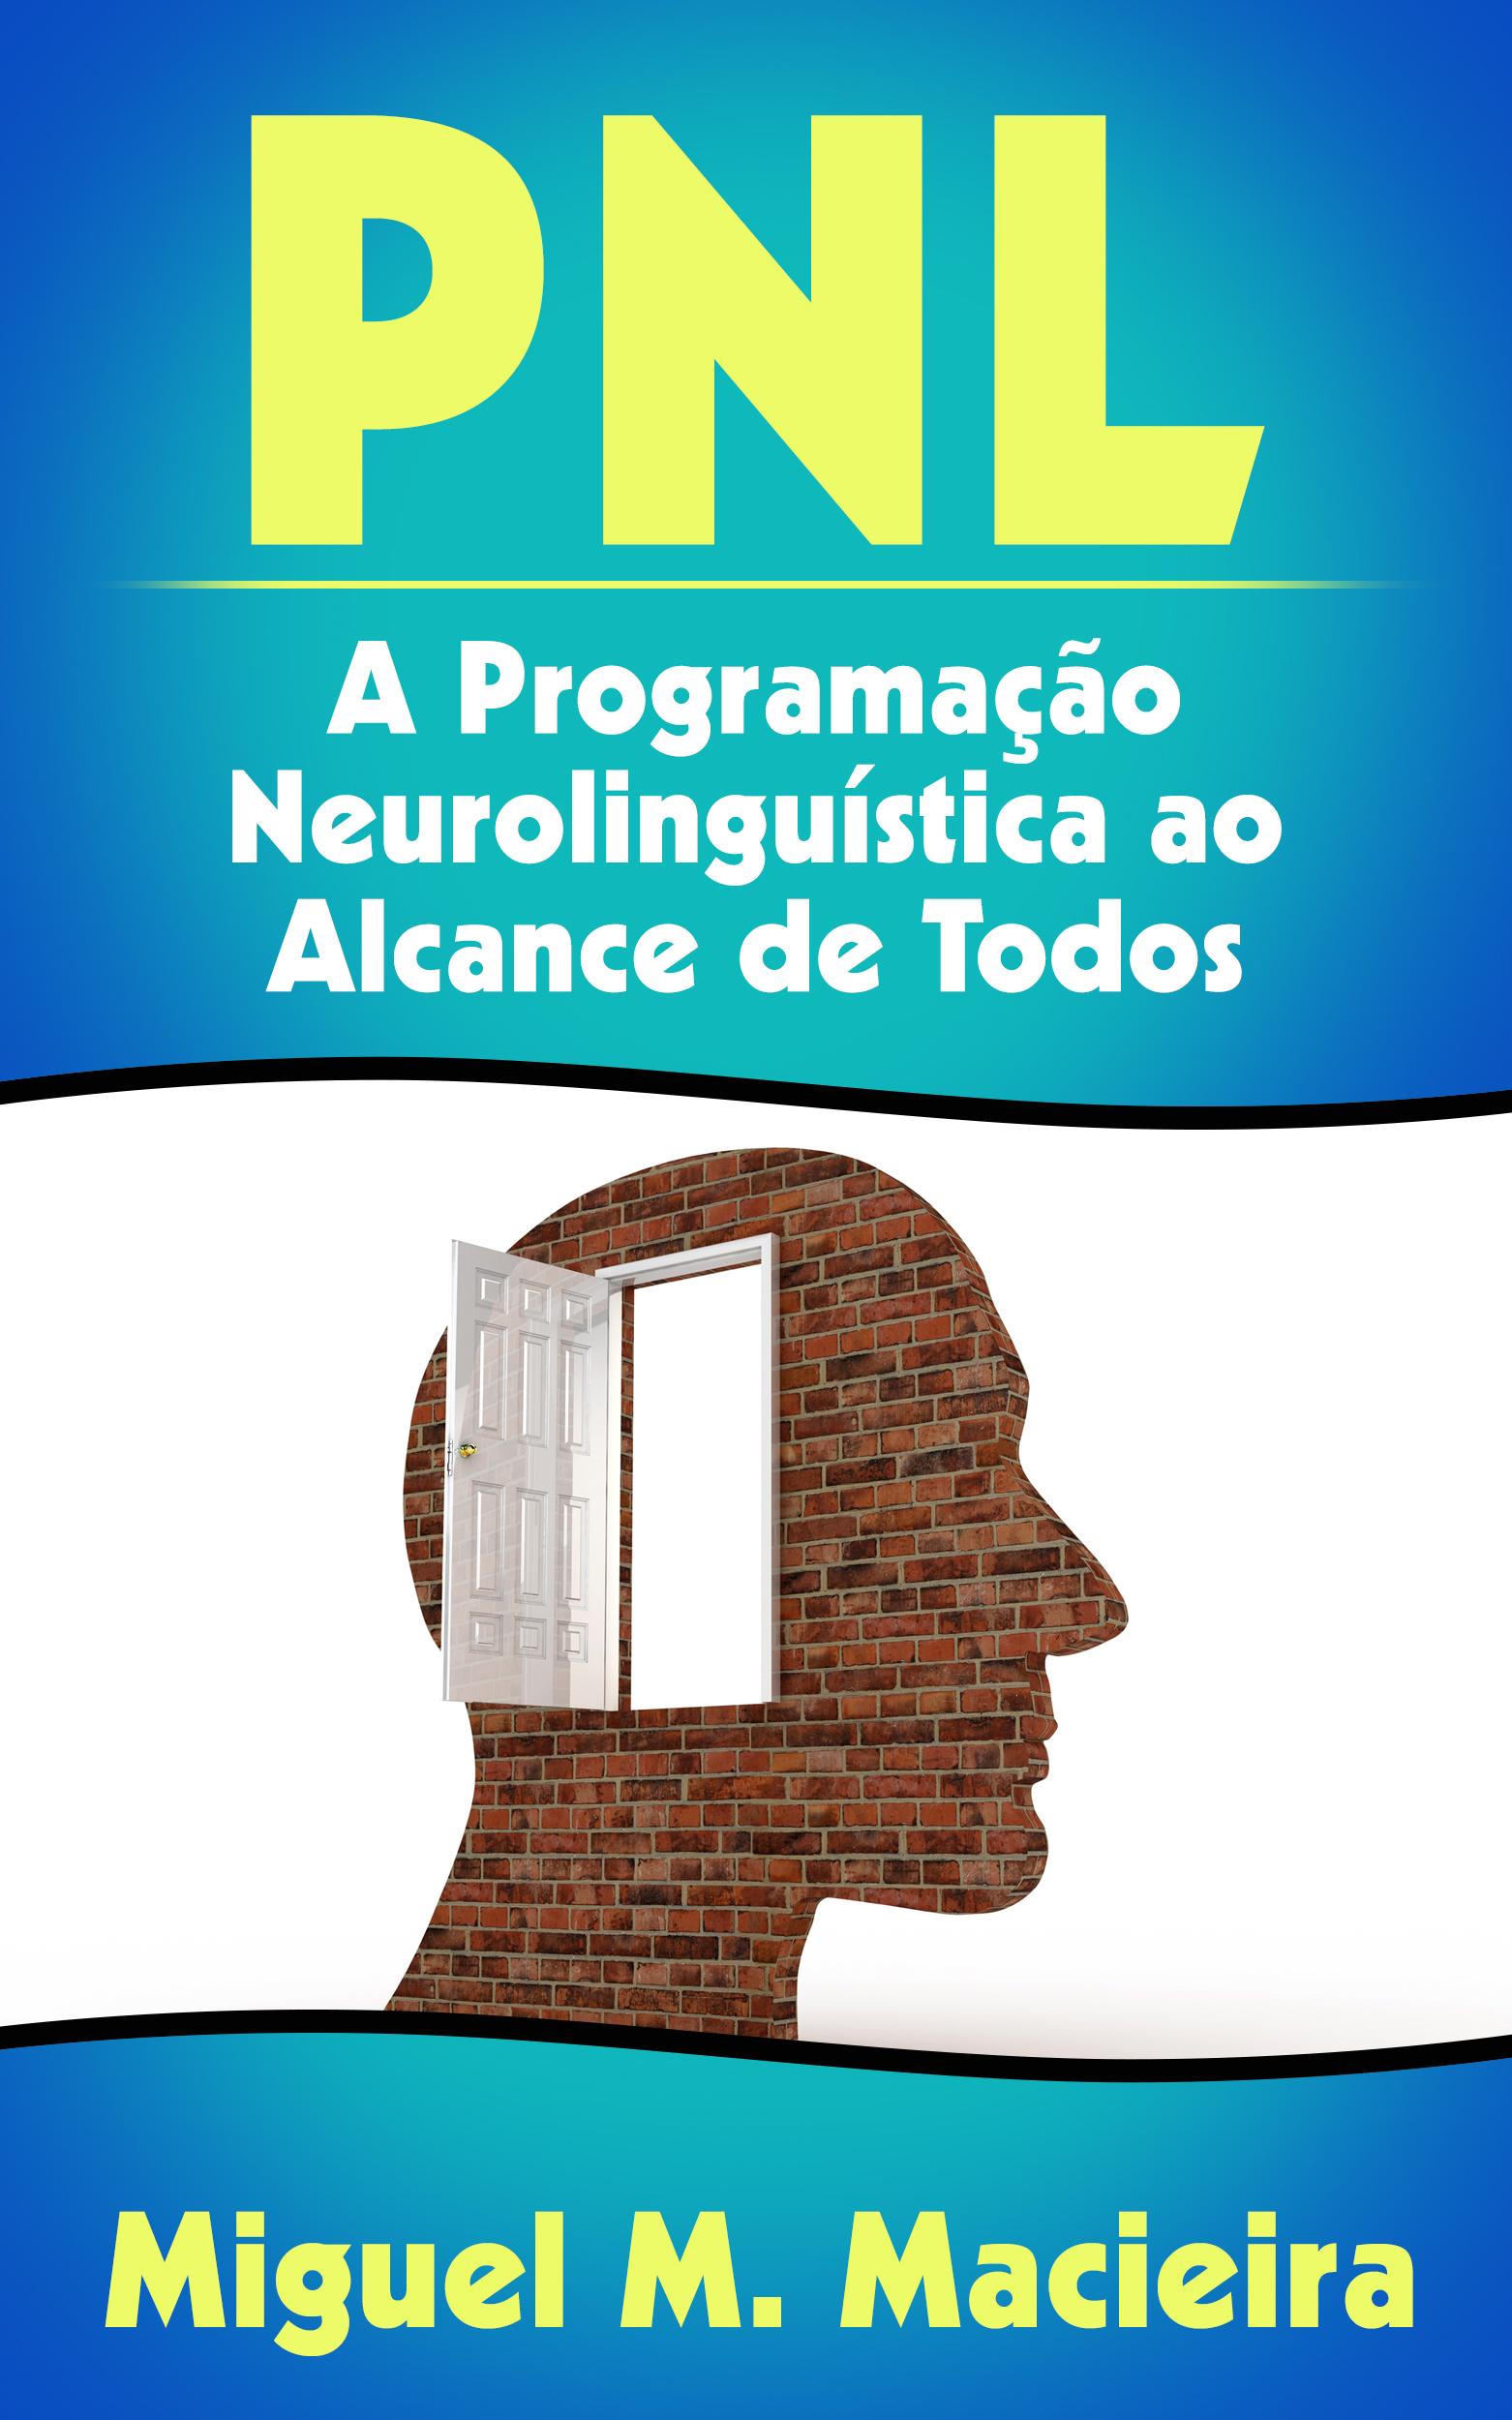 Pnl: a programação neurolinguística ao alcance de todos